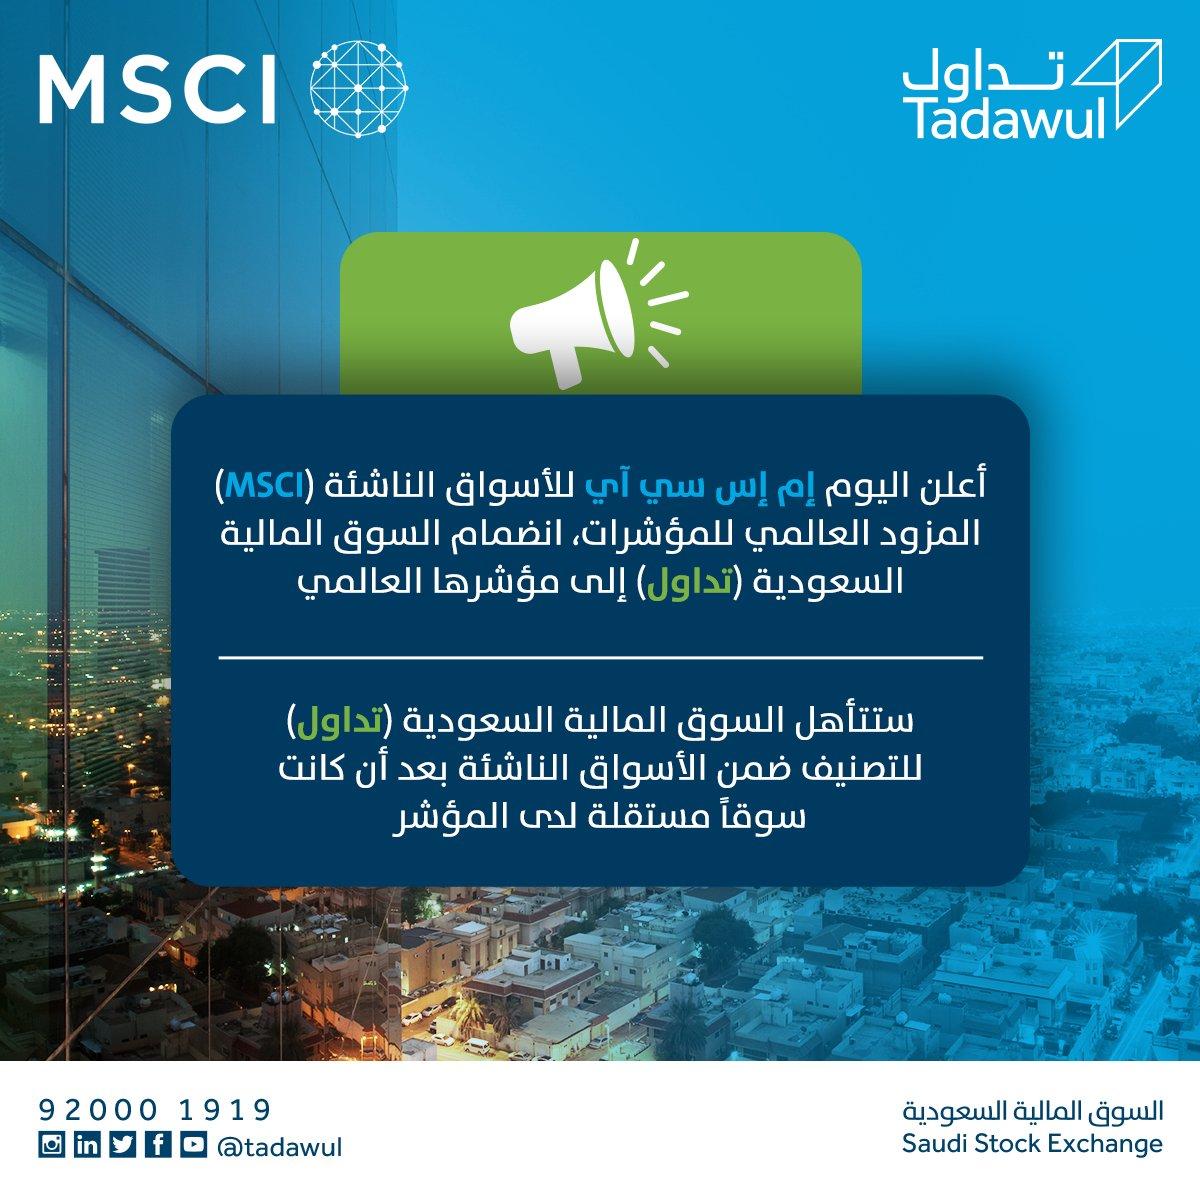 رسمياً، السوق المالية السعودية #تداول تنضم إلى مؤشر إم إس سي آي (MSCI) ضمن تصنيف الأسواق الناشئة. #انضمام_تداول_في_مؤشر_MSCI